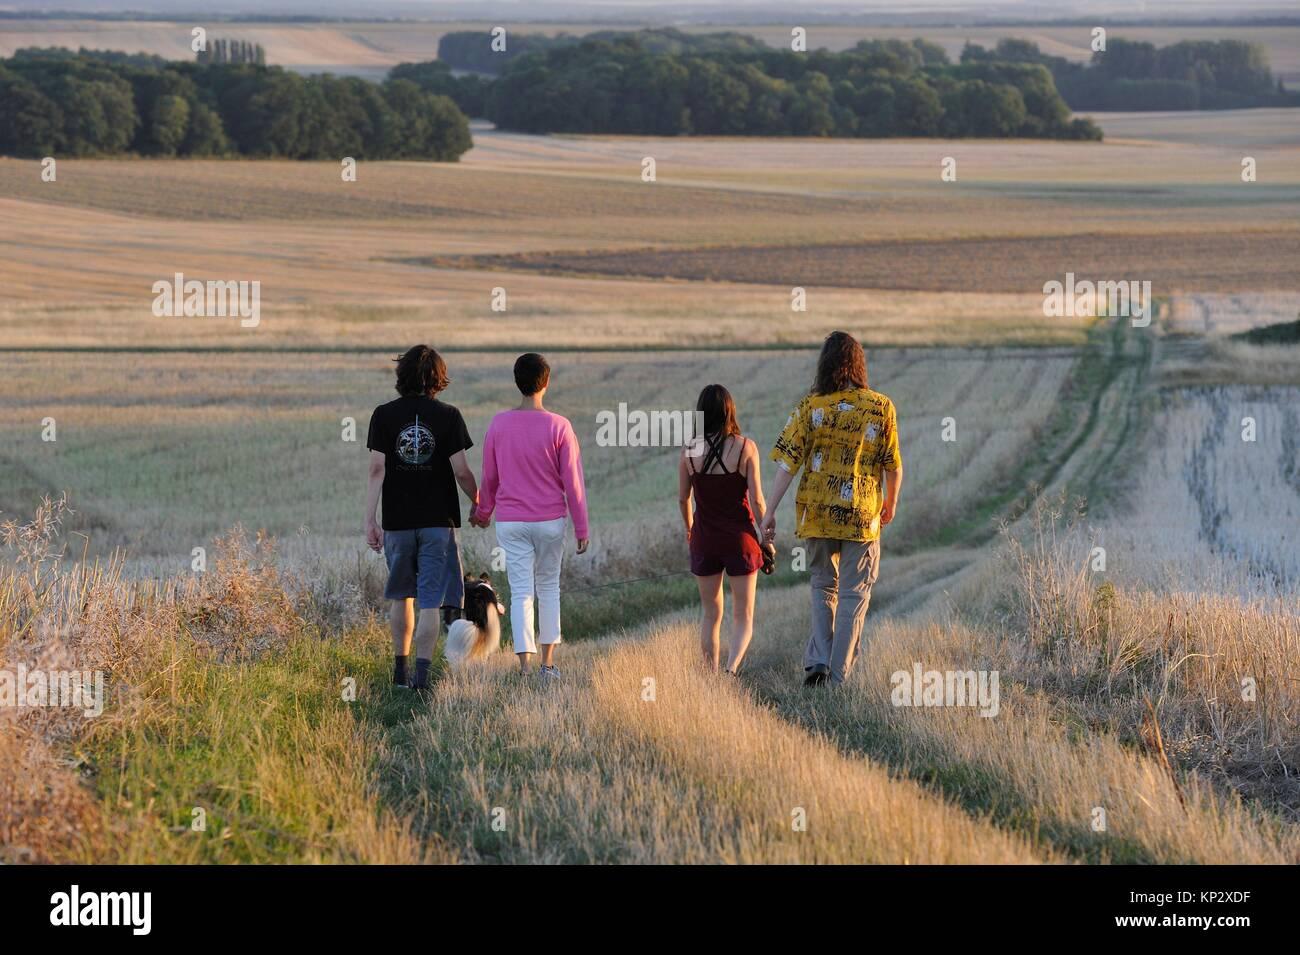 Los jóvenes caminar Mittainville, departamento de Yvelines, la región Ile-de-France, Francia, Europa. Imagen De Stock